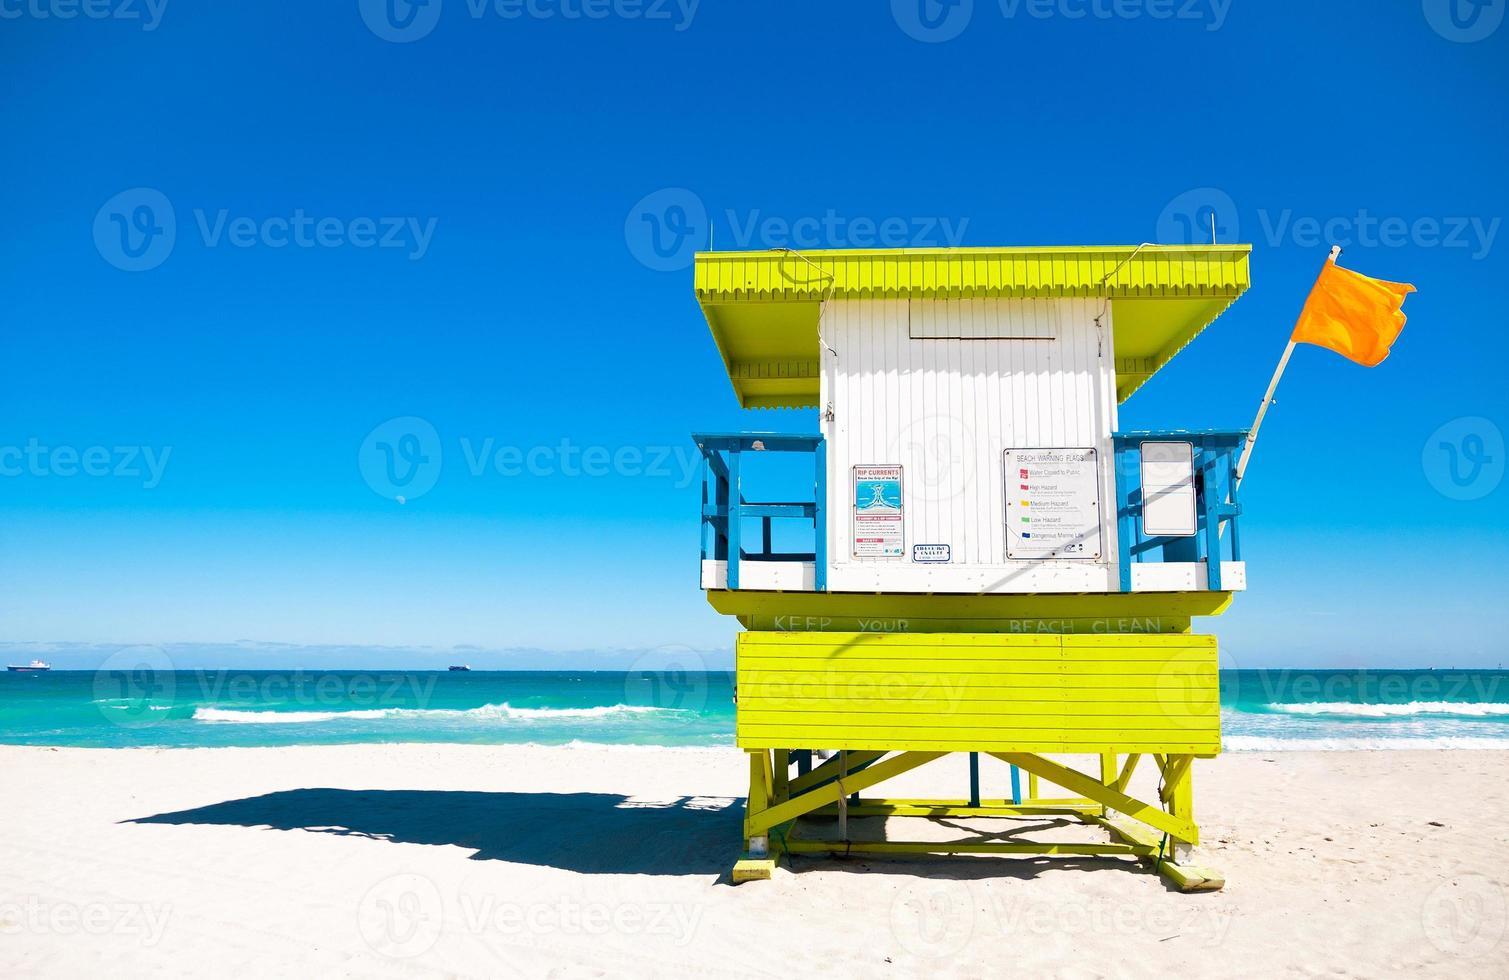 torre de salva-vidas em miami beach, flórida foto